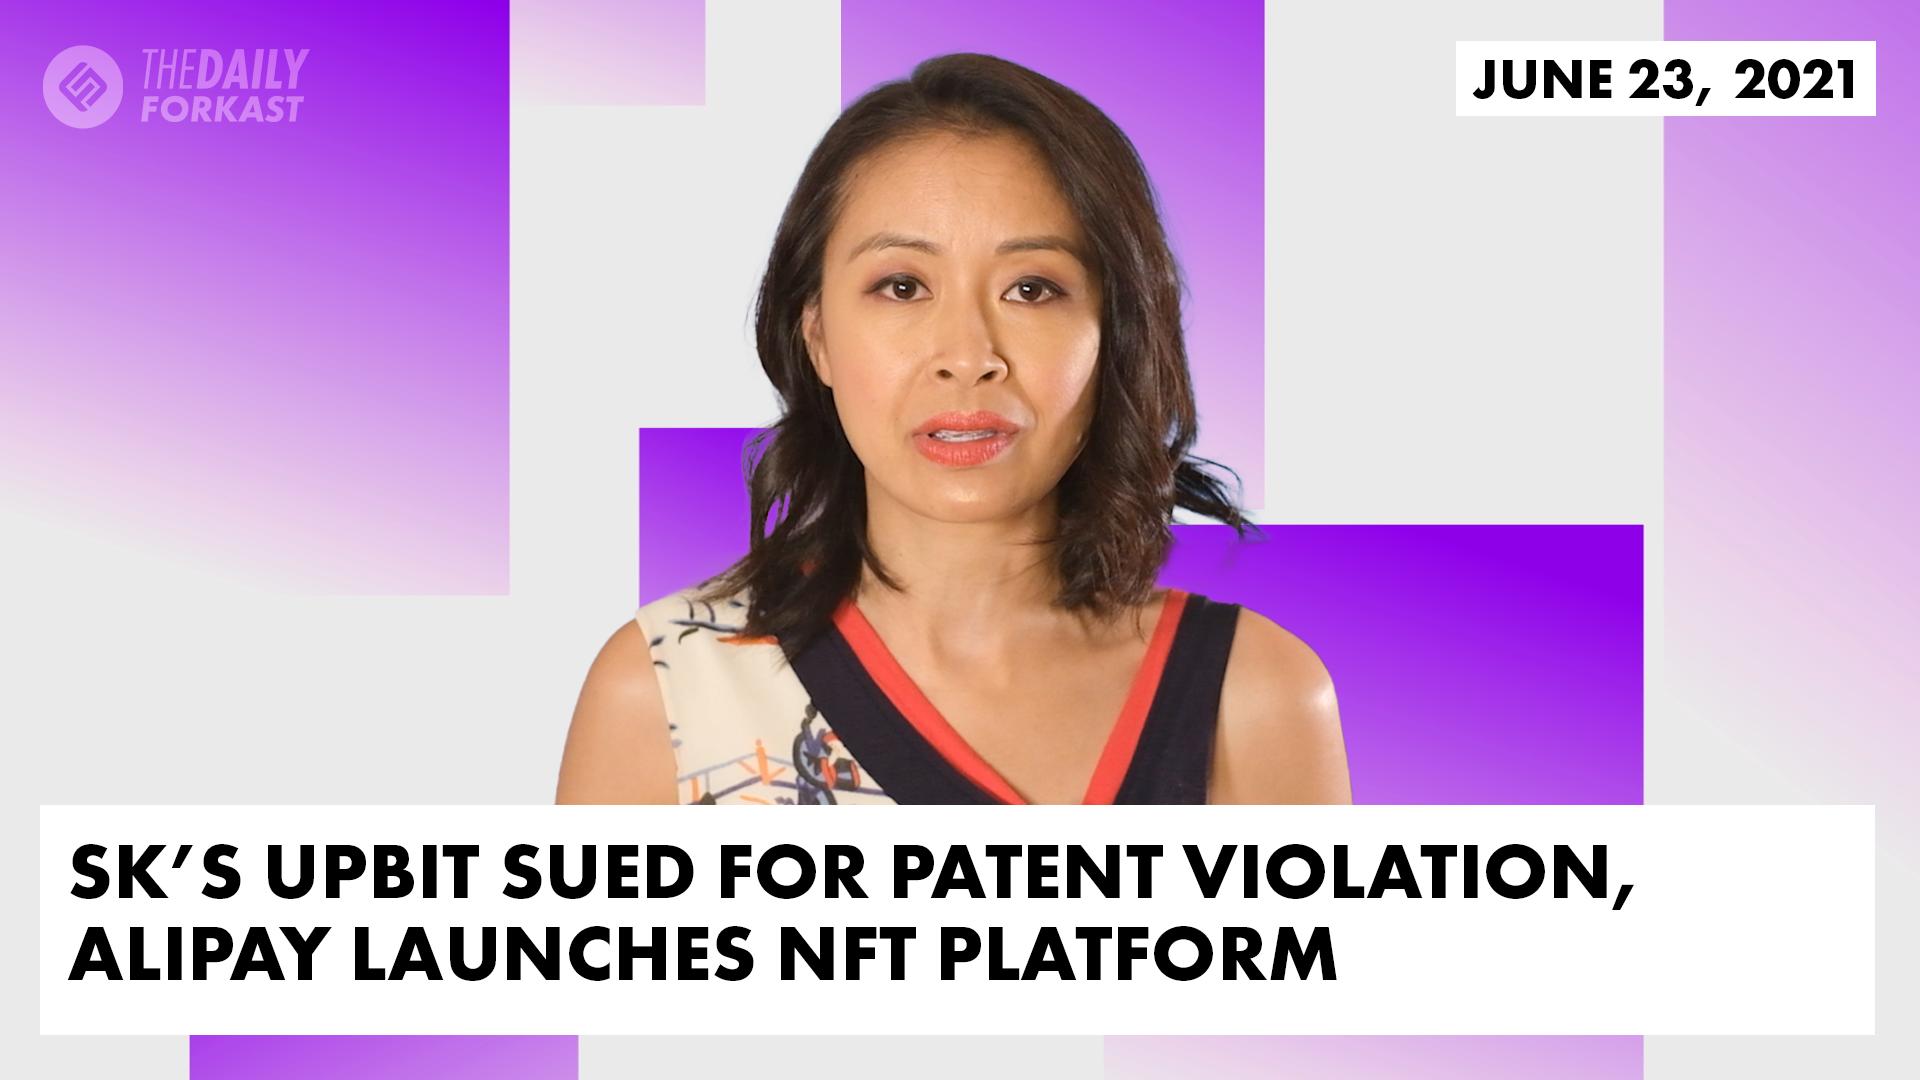 Upbit de Corea del Sur demandada por violación de patente, Alipay lanza plataforma NFT